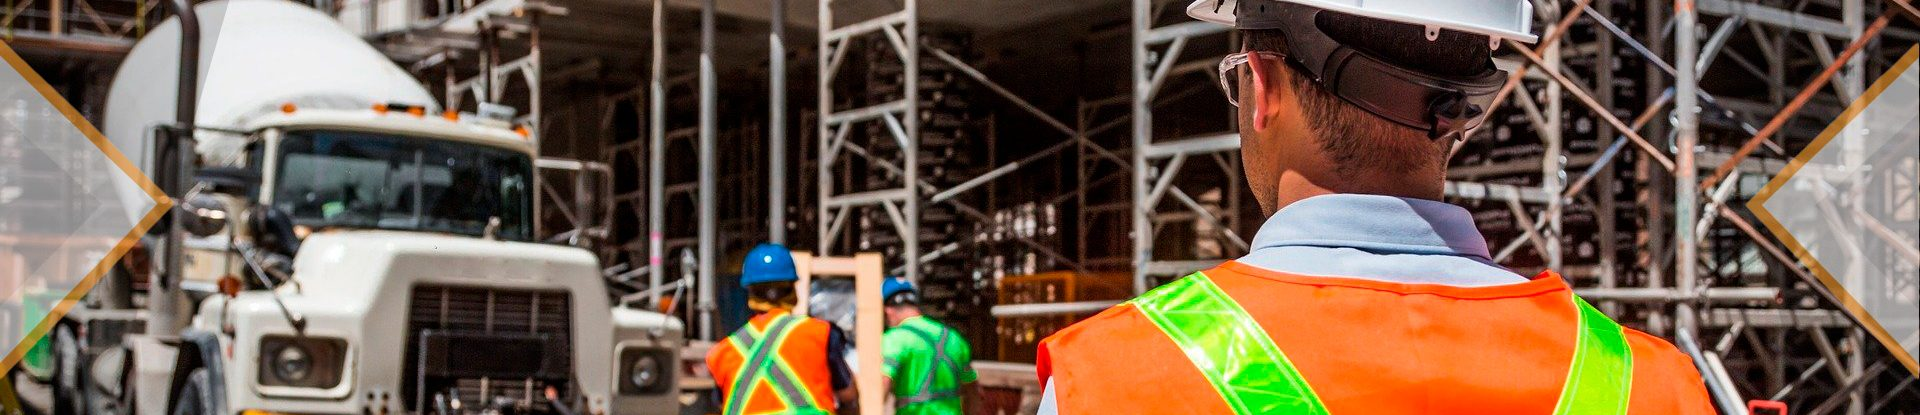 El problema con la salud mental en los trabajadores de la construcción.